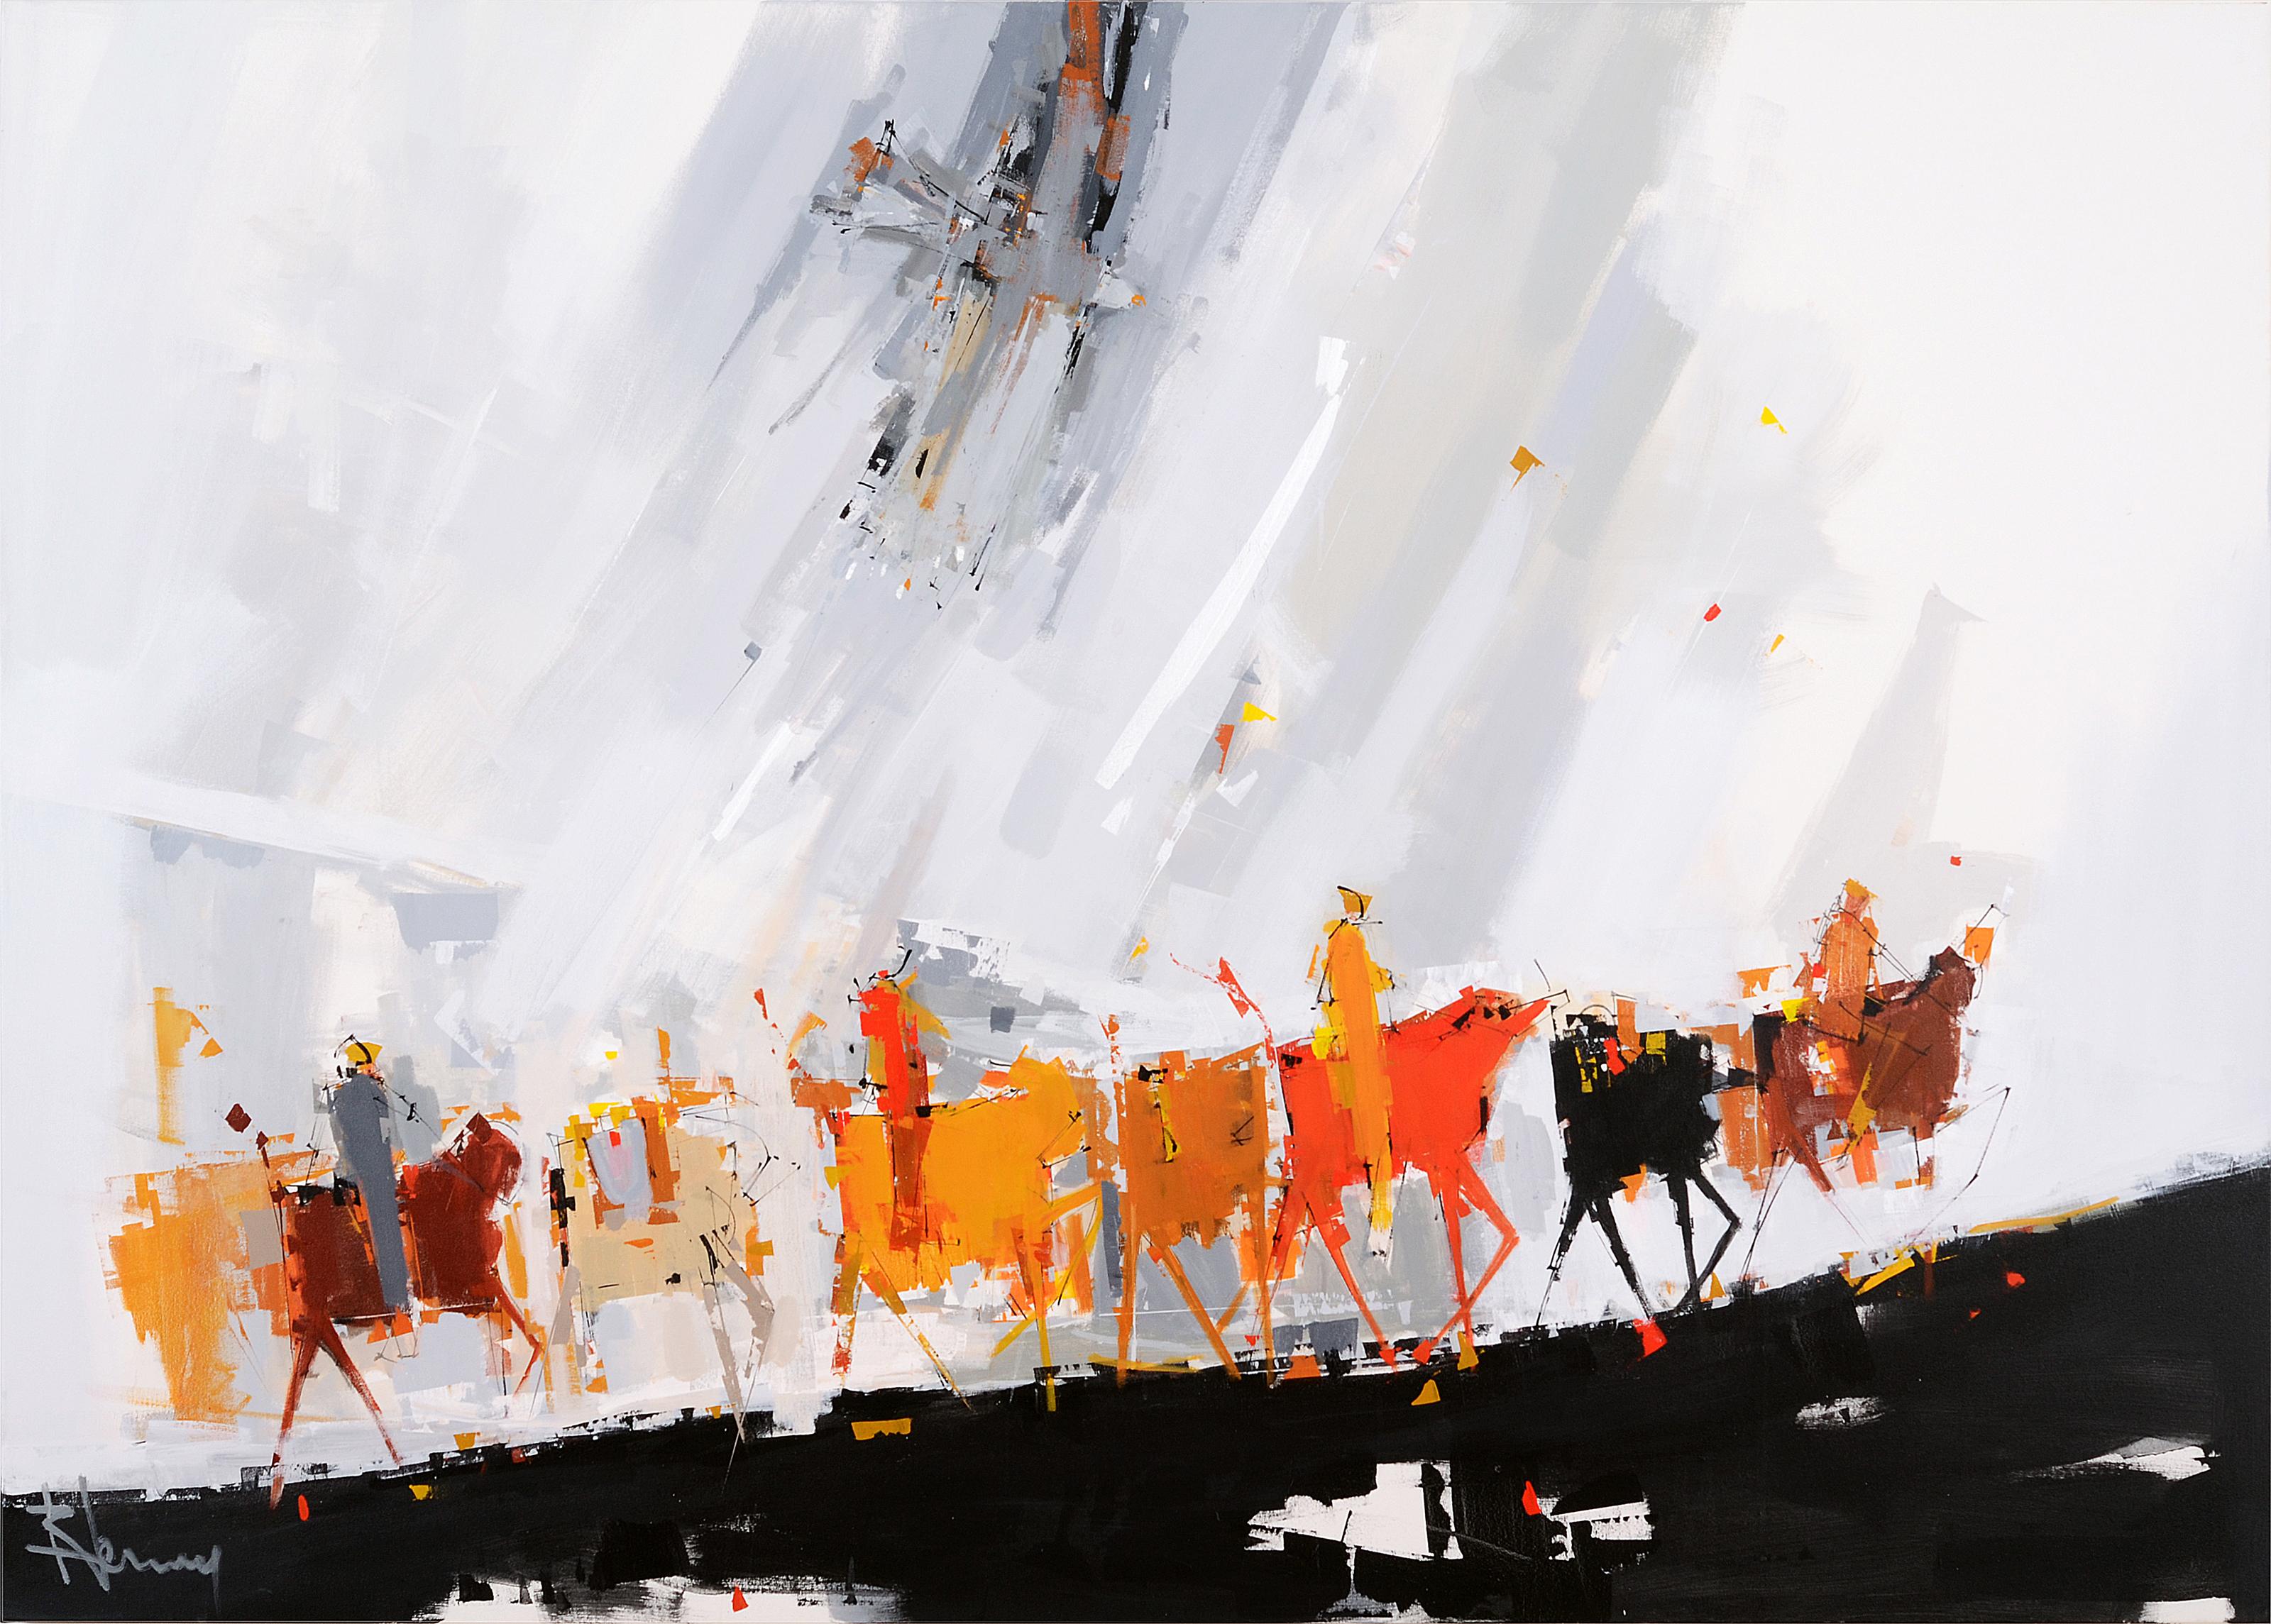 L 39 aigle ren lemay artiste peintre qu b cois for Architecte quebecois contemporain